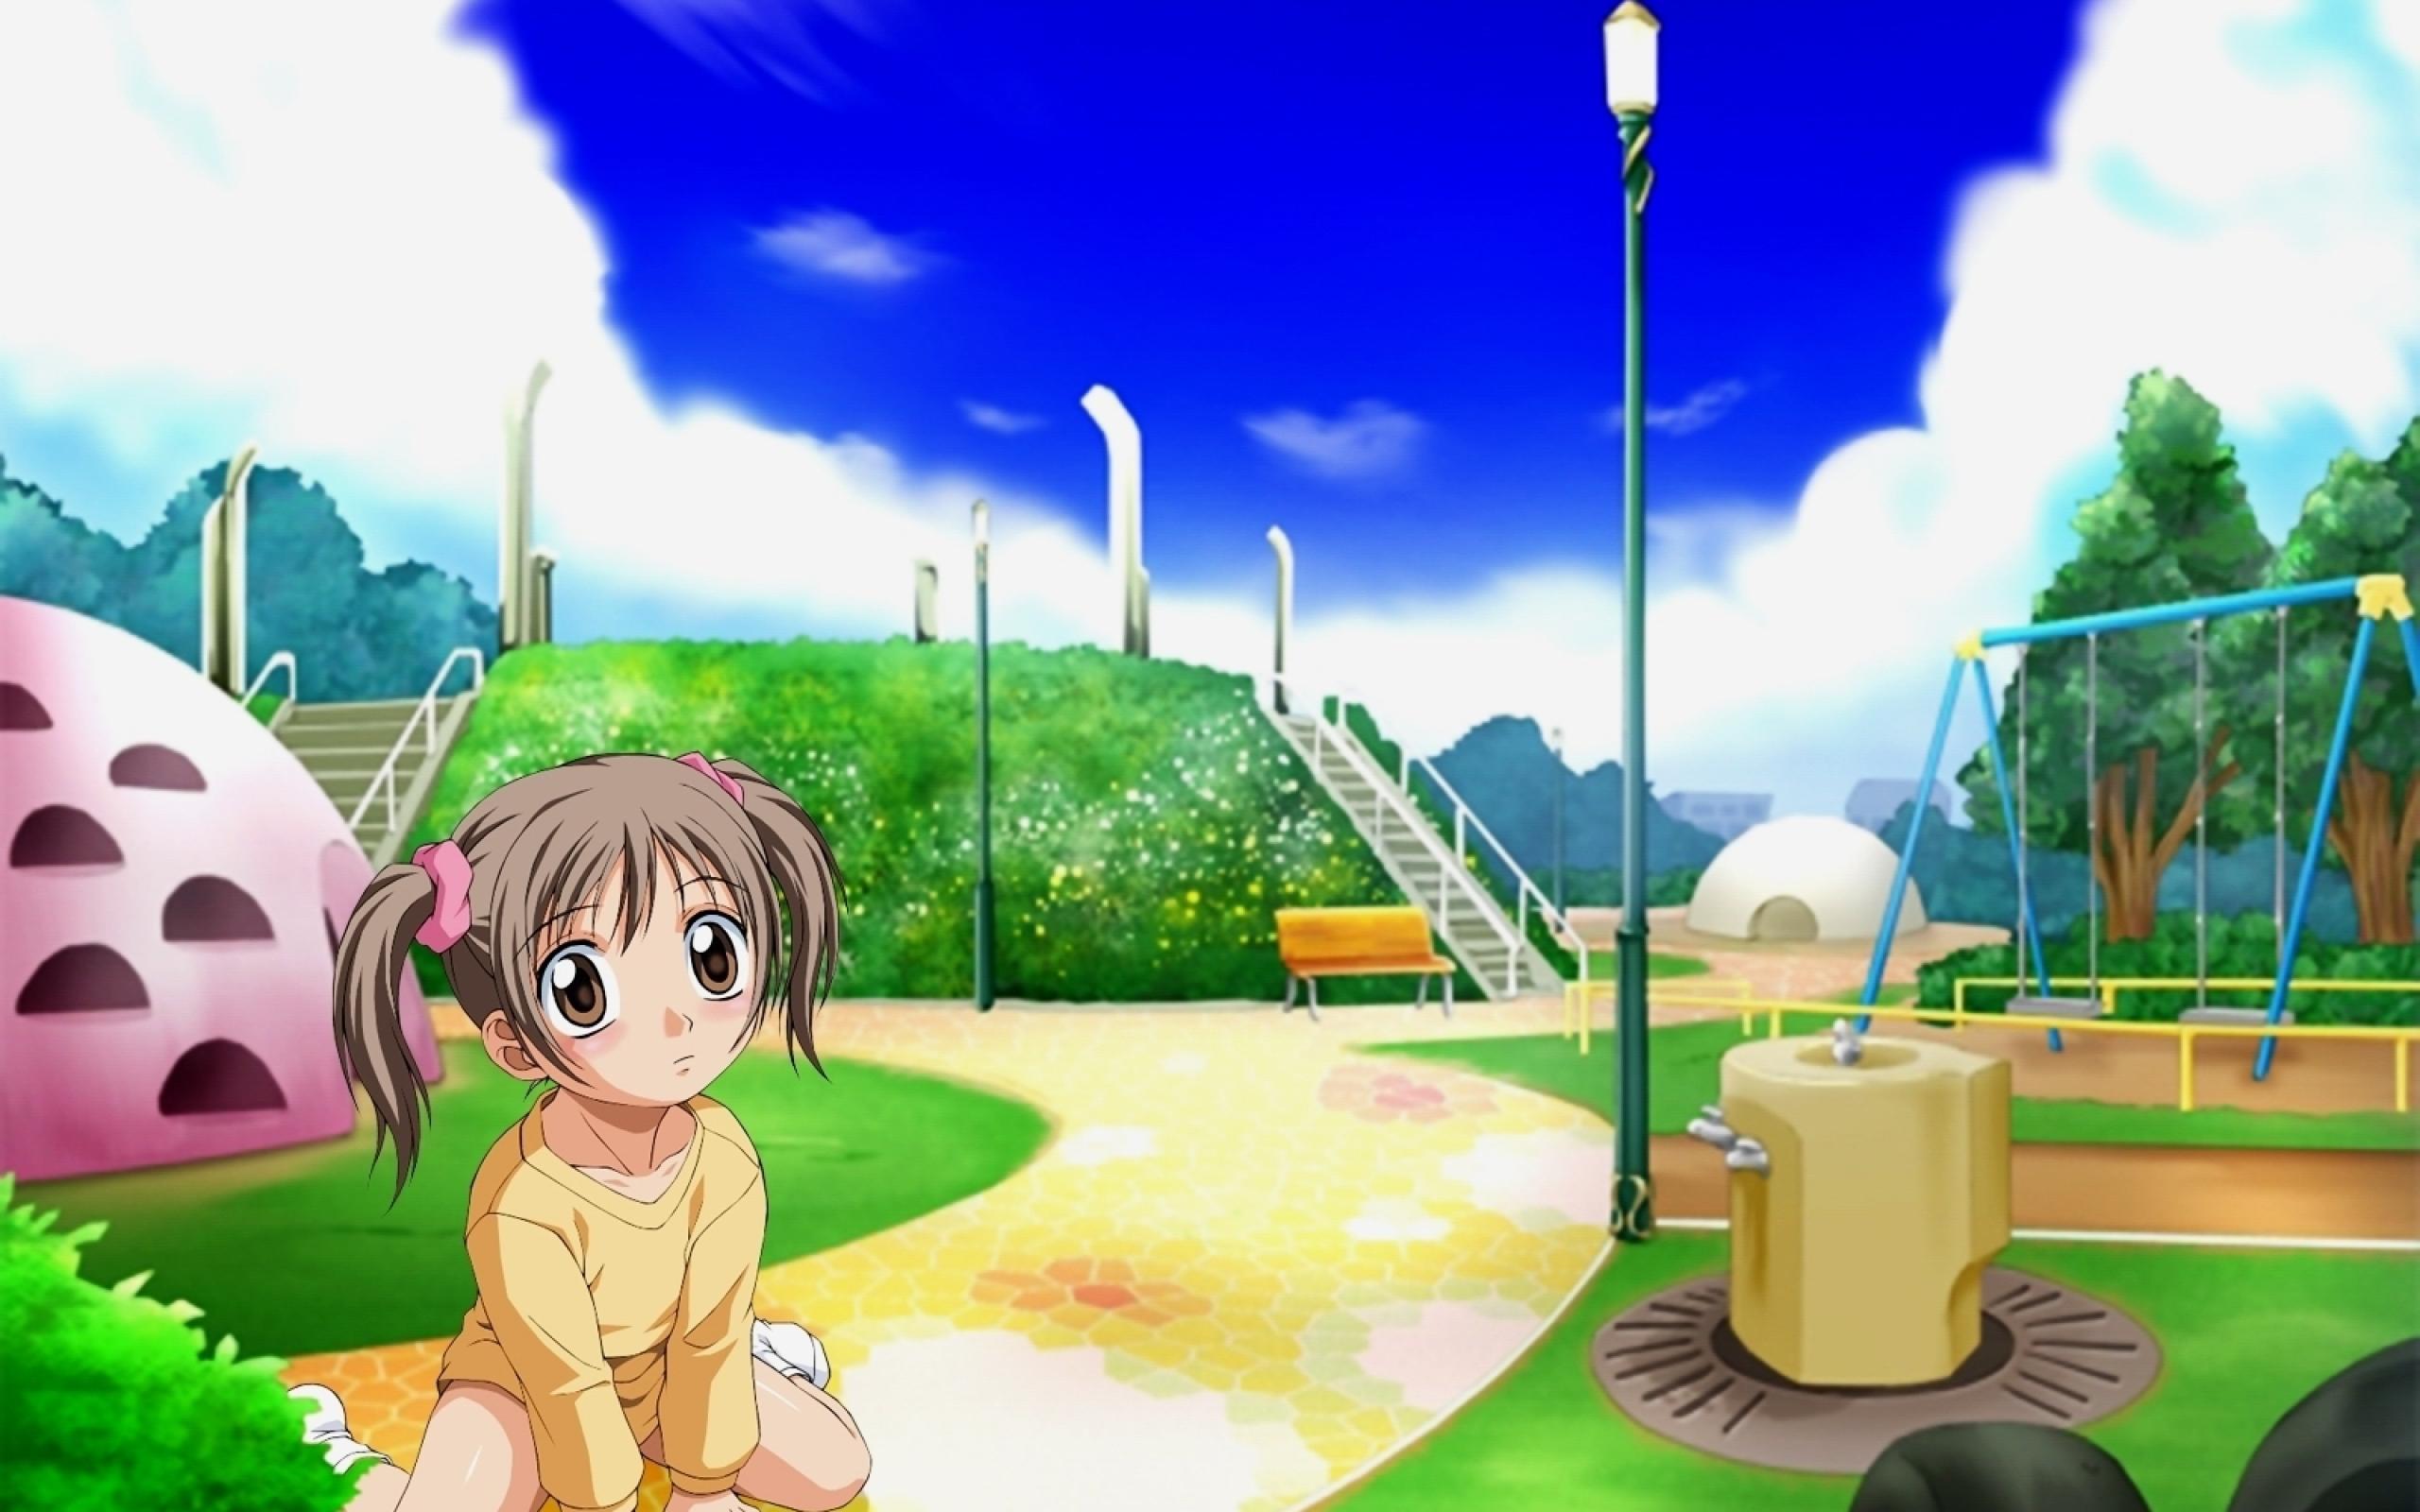 Animax Cartoon Wallpaper 2560x1600 aishiteruze baby, girl, playground 2560x1600